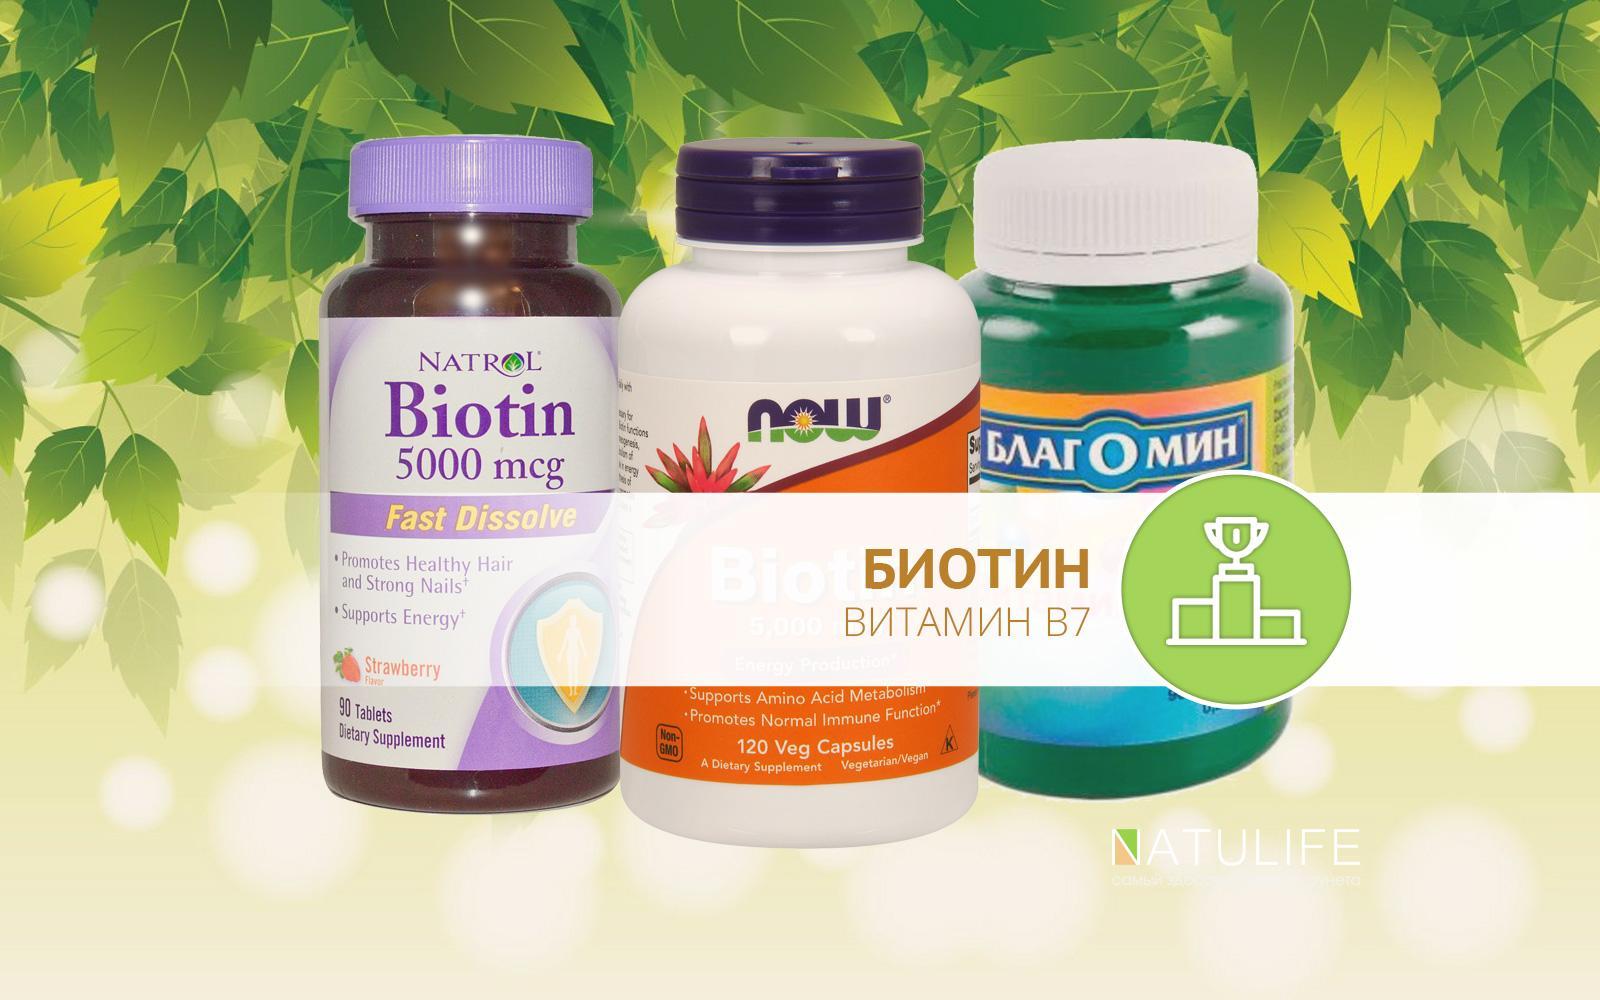 Витаминный комплекс биотин для волос. как правильно применять витамины биотин.